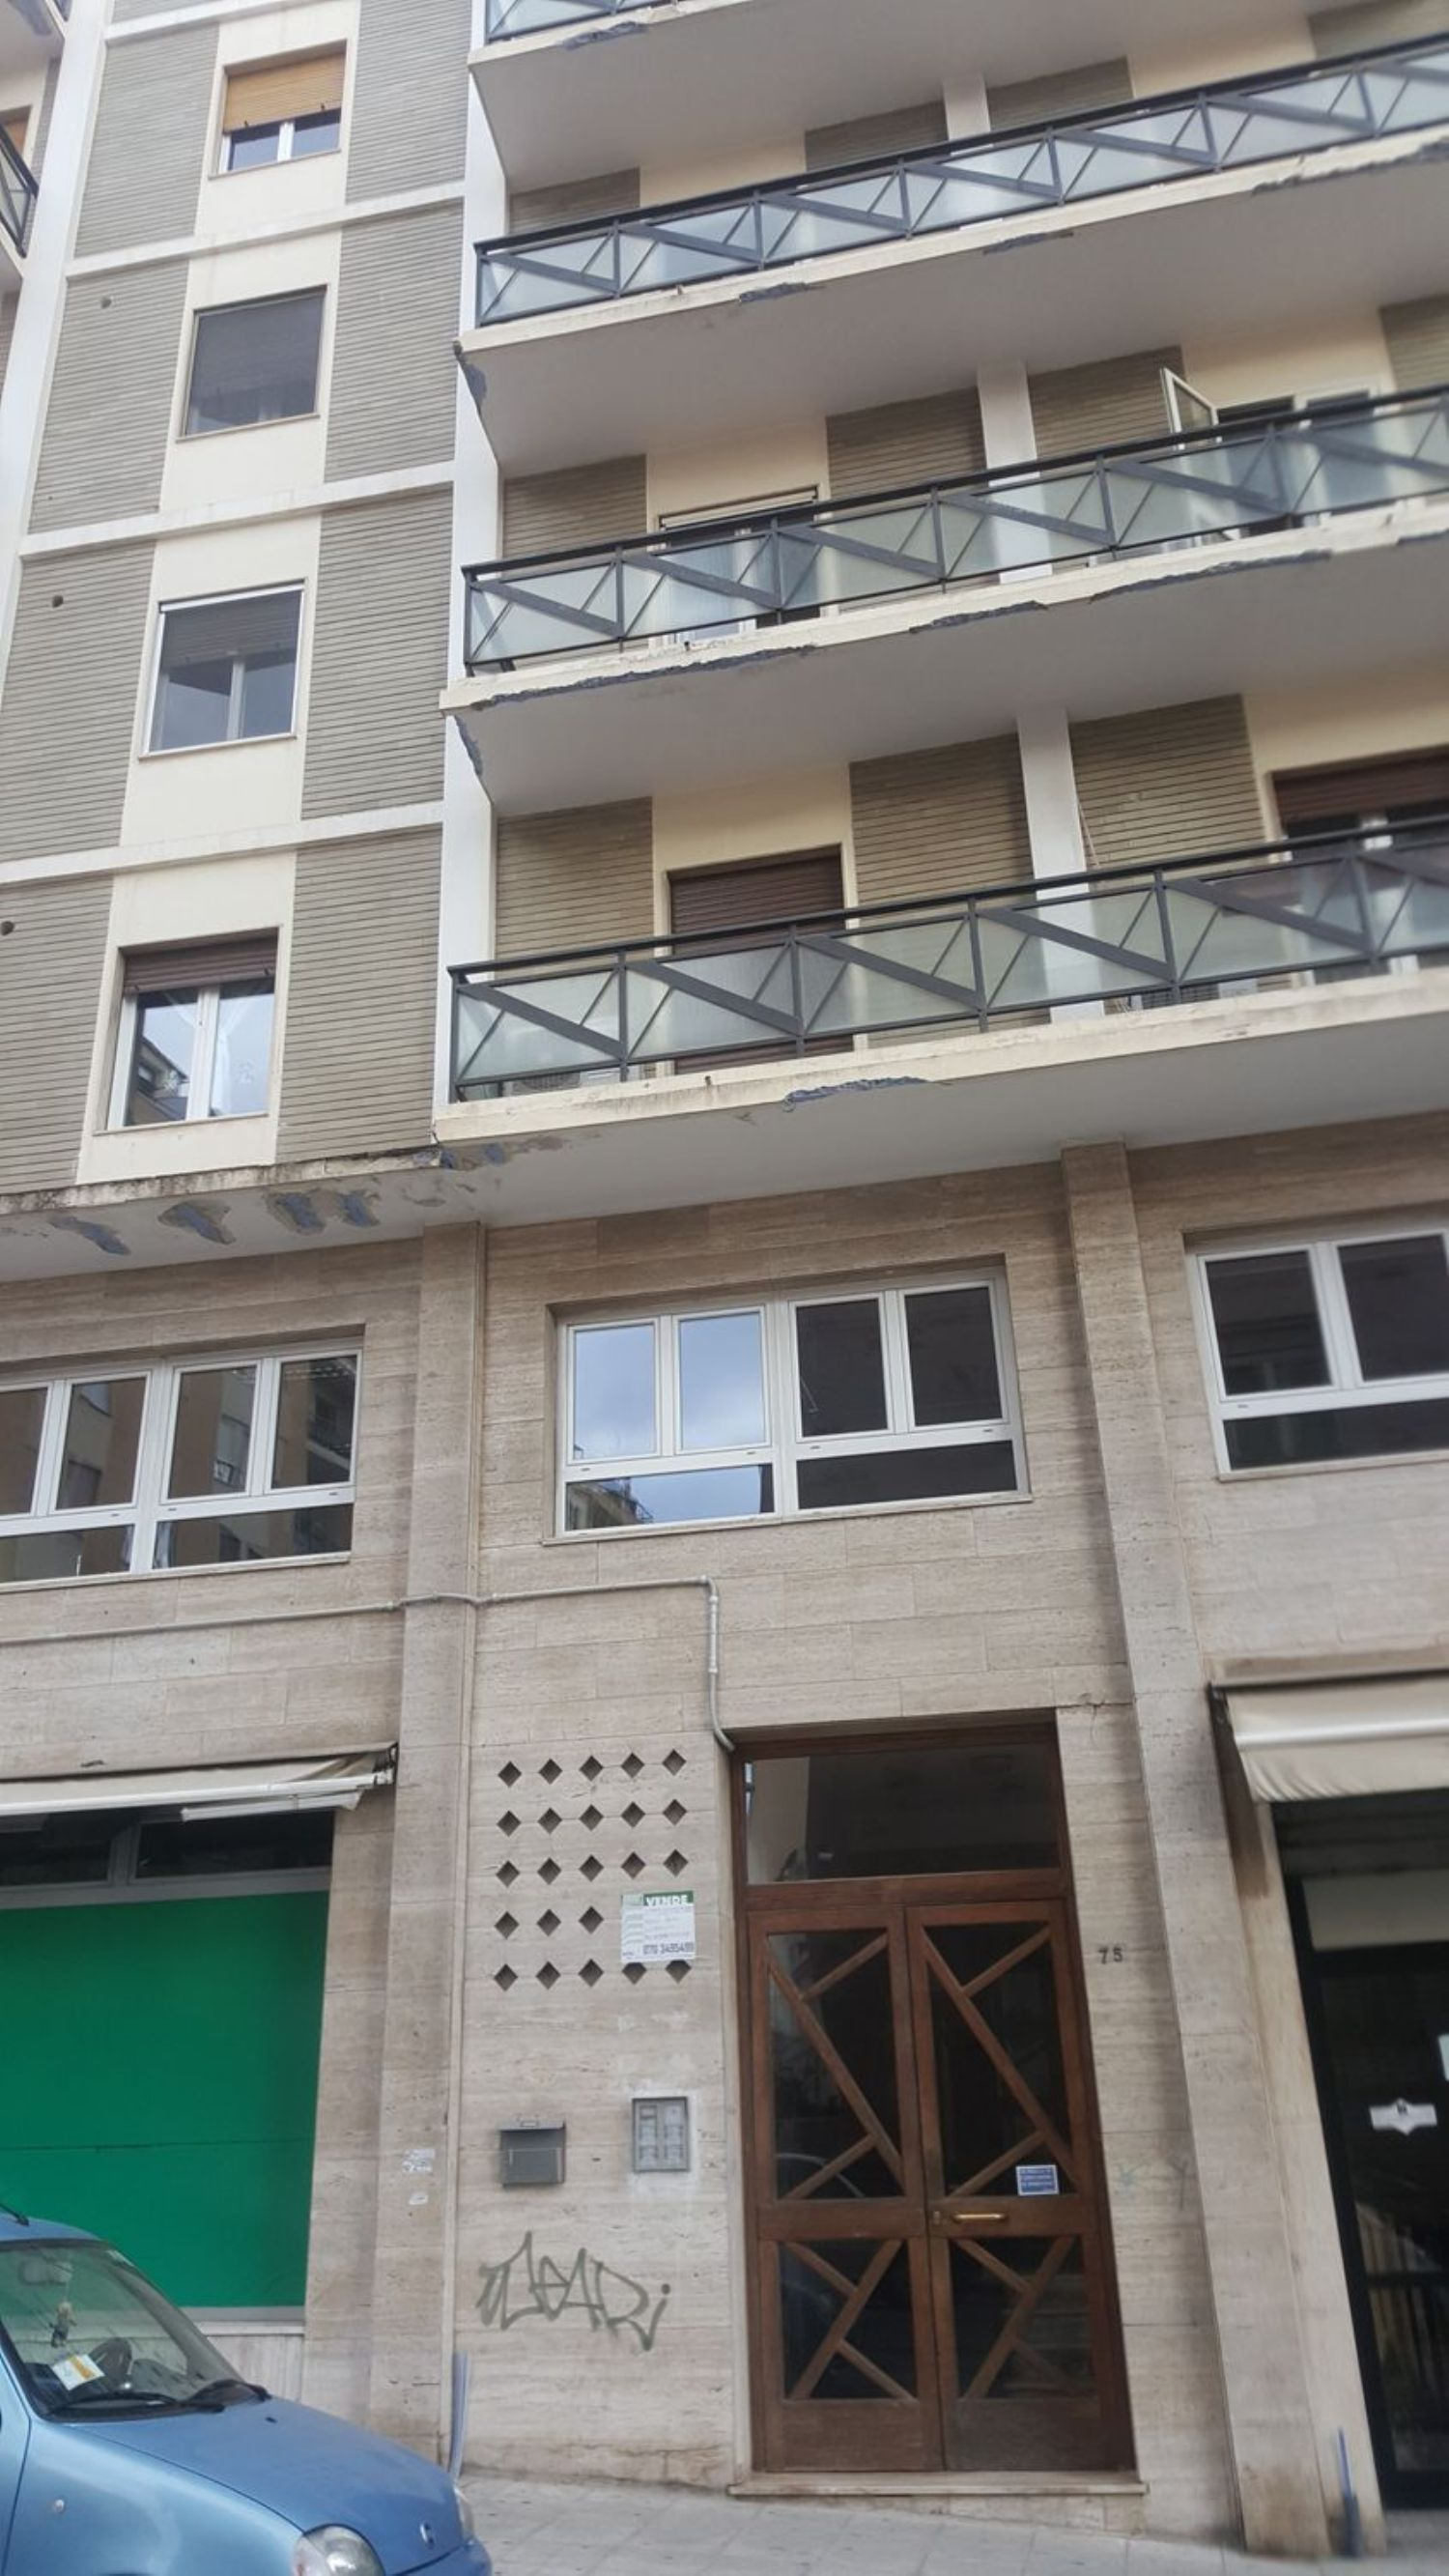 Appartamento in affitto a Cagliari, 3 locali, prezzo € 850 | CambioCasa.it